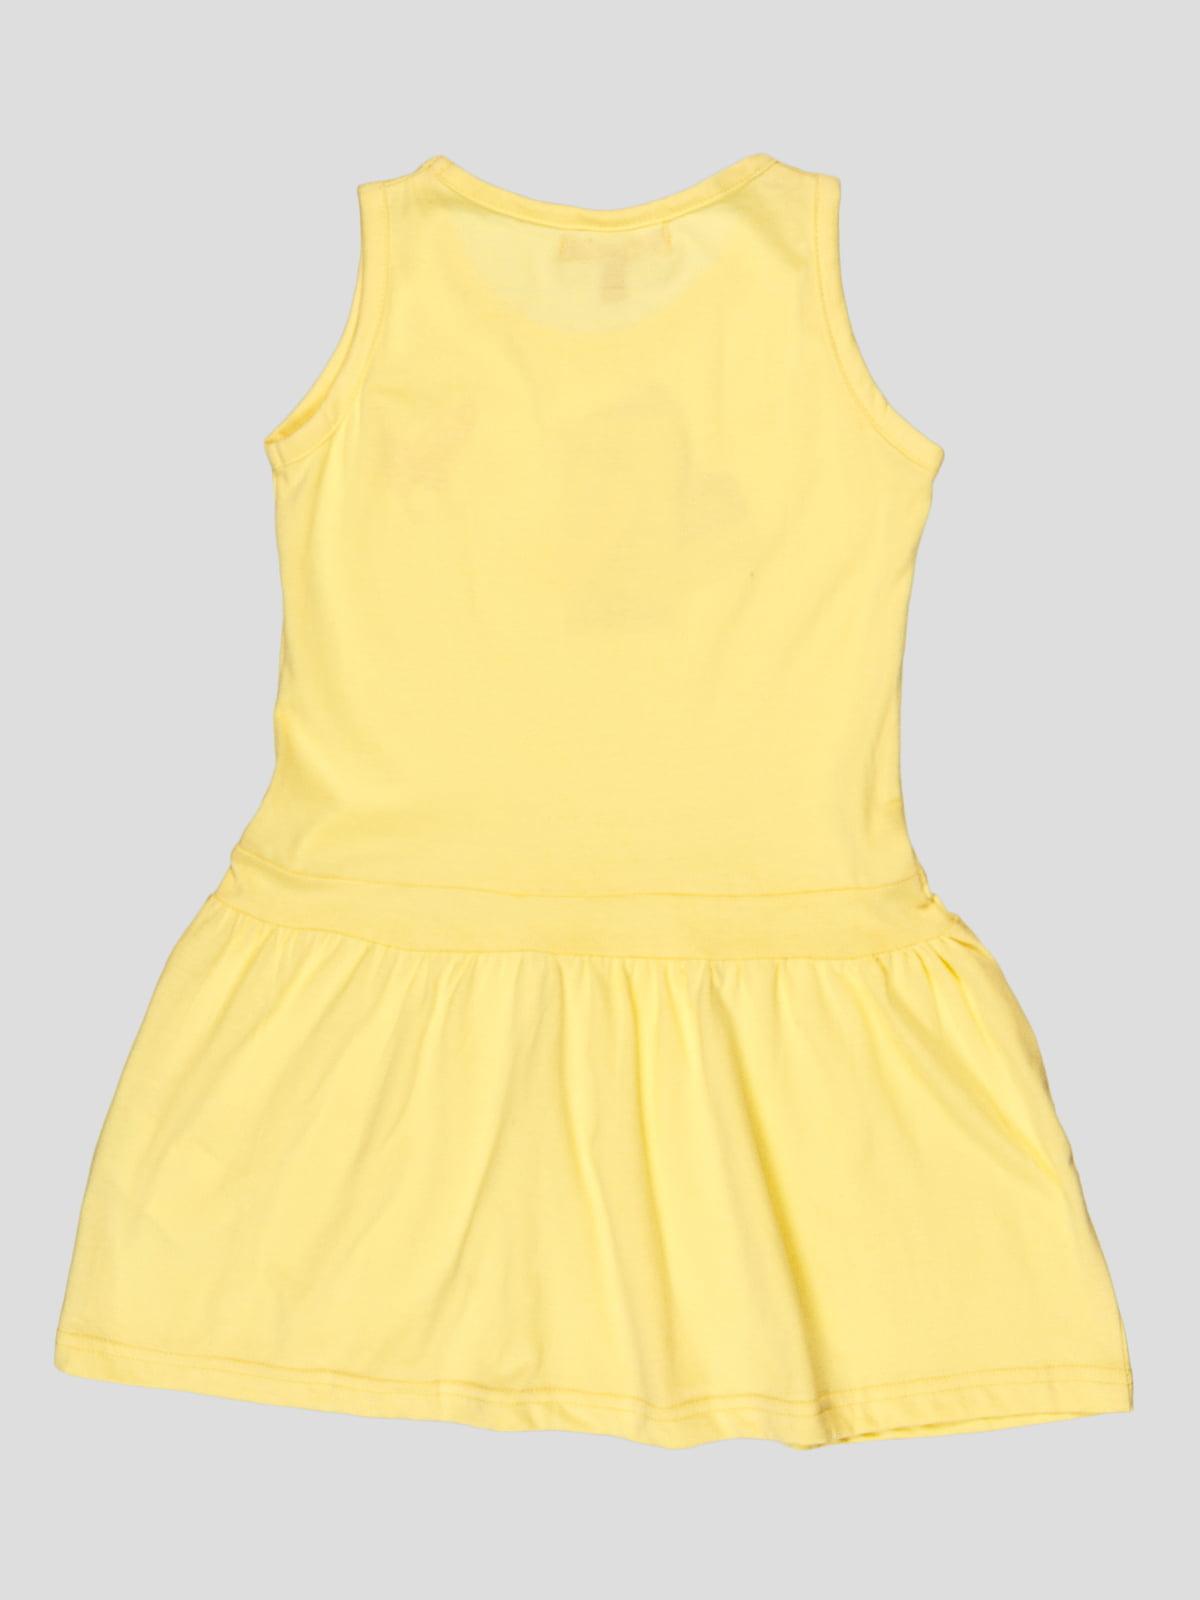 Сукня жовта з принтом | 5082223 | фото 2